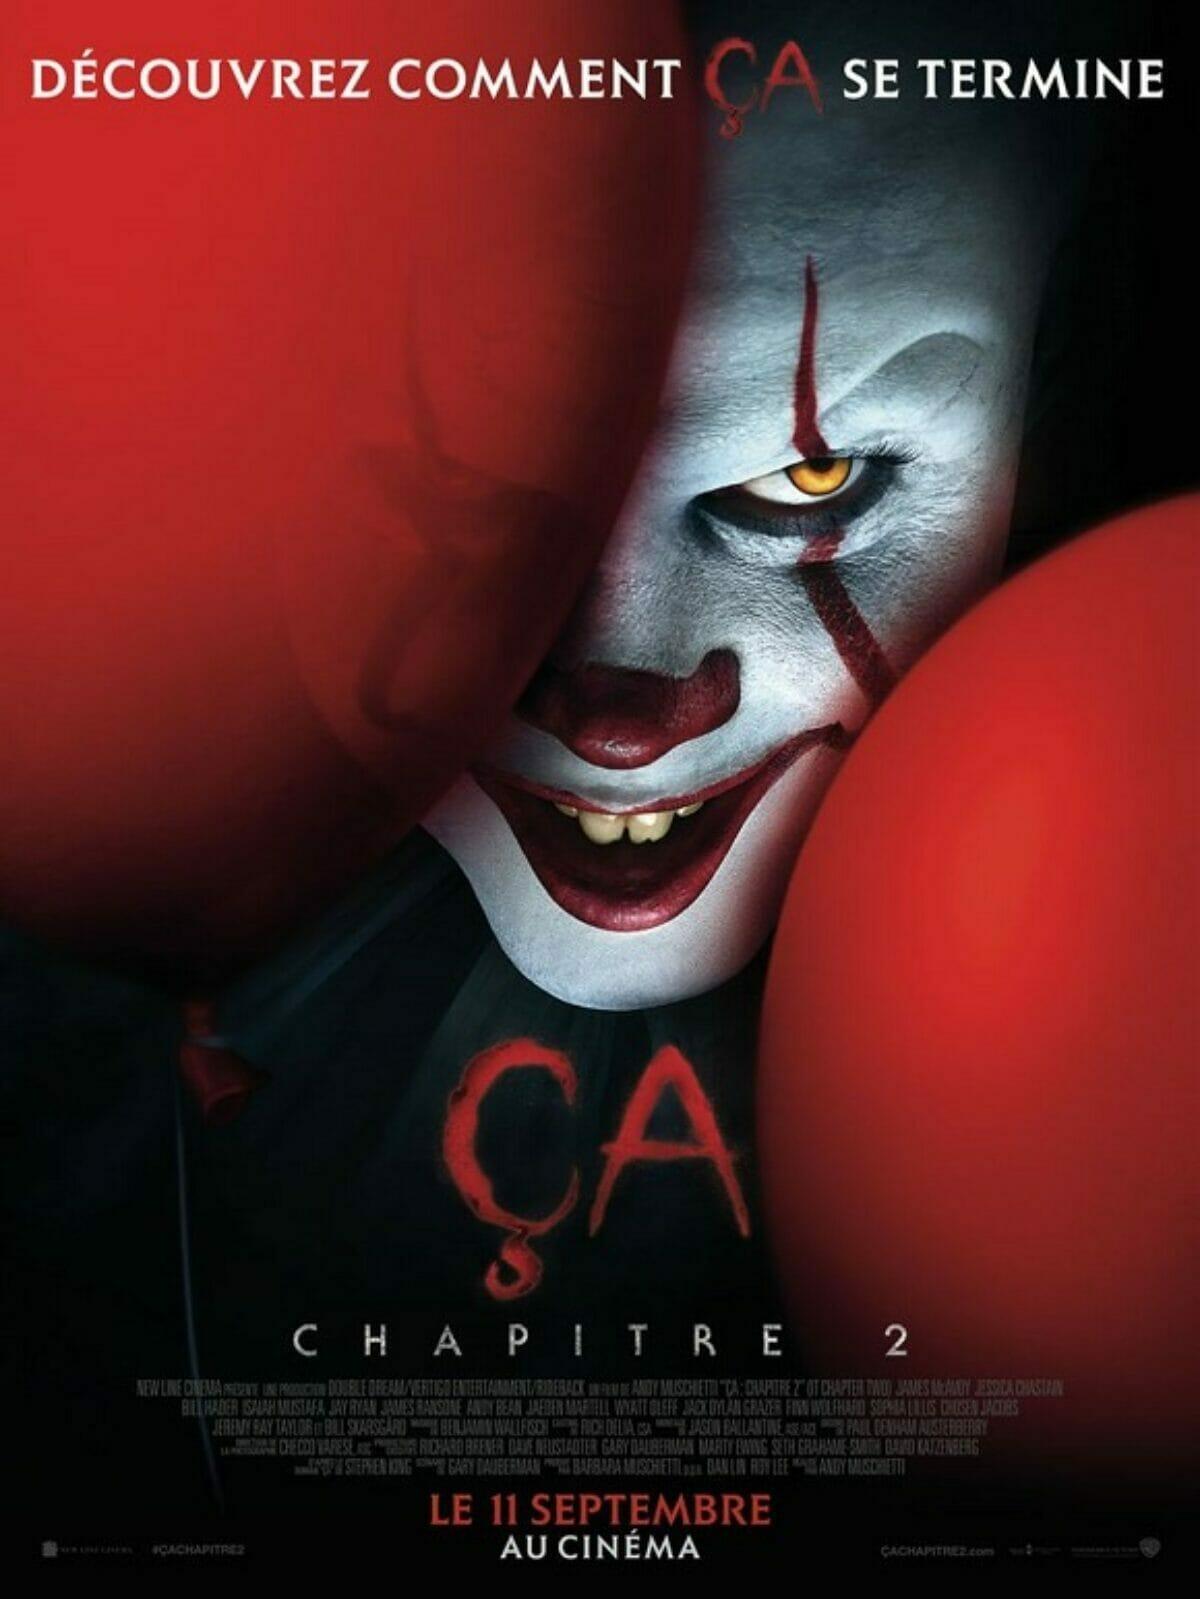 Ca-Chapitre-2-poster